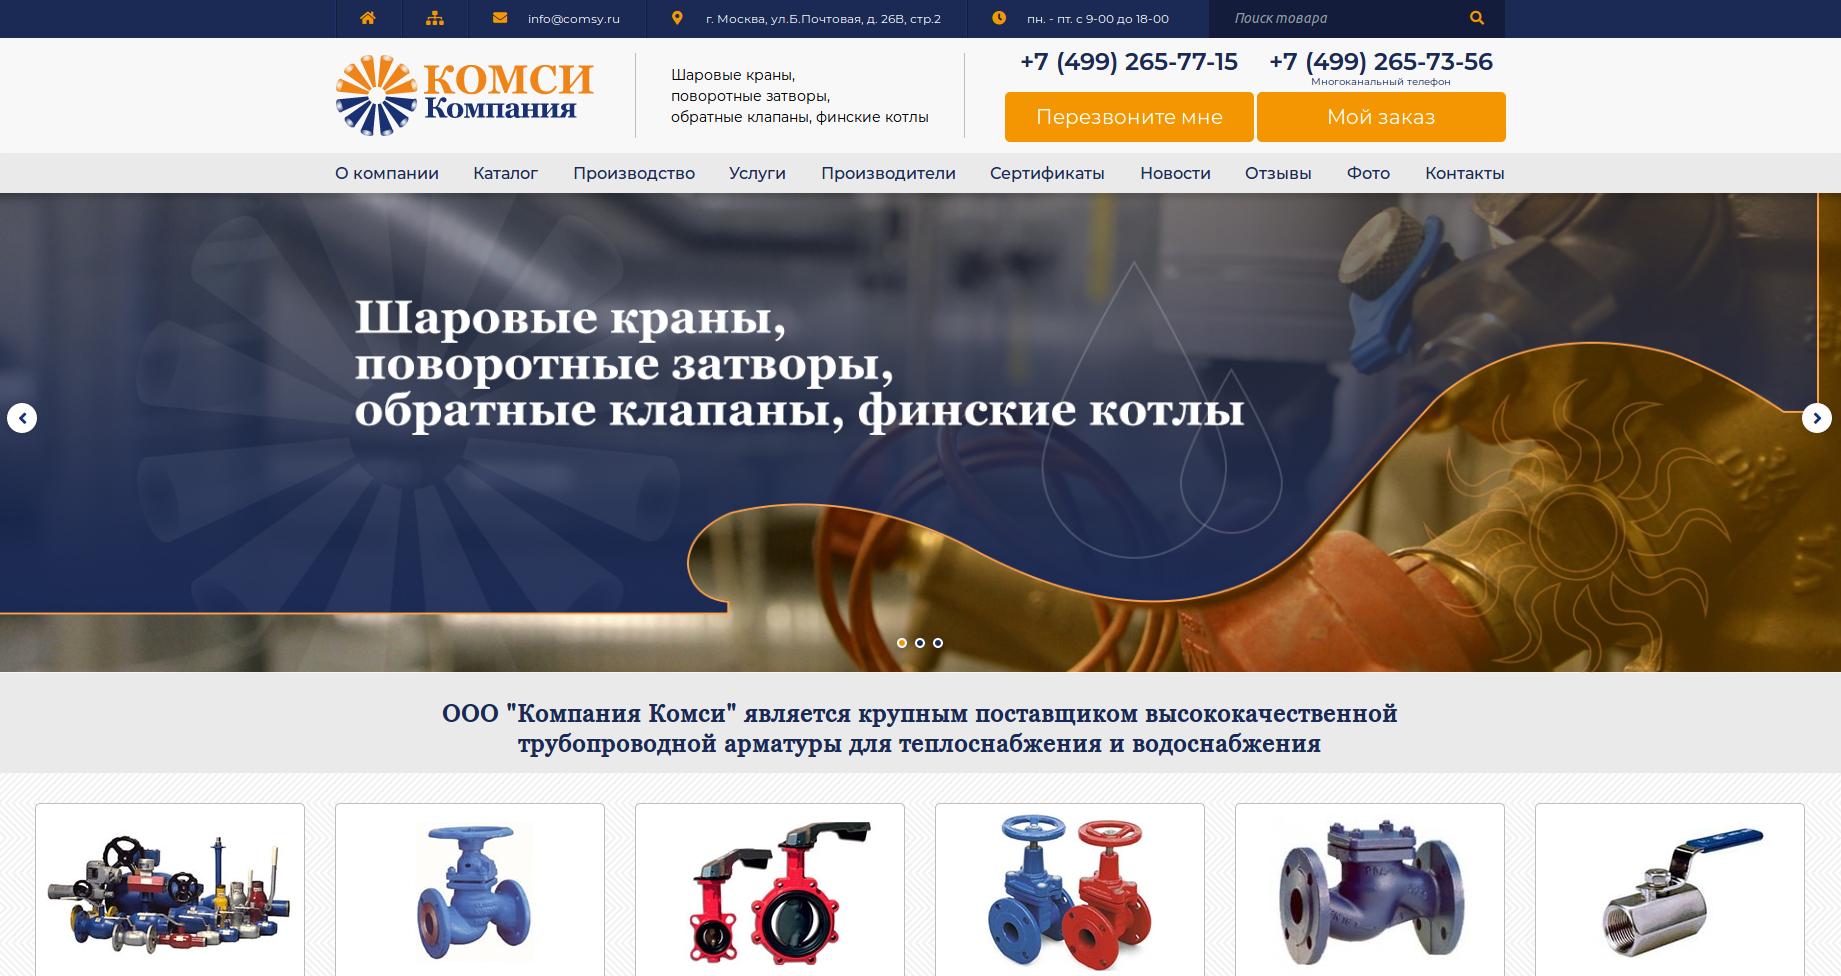 Разработка сайта ООО «Компания Комси»